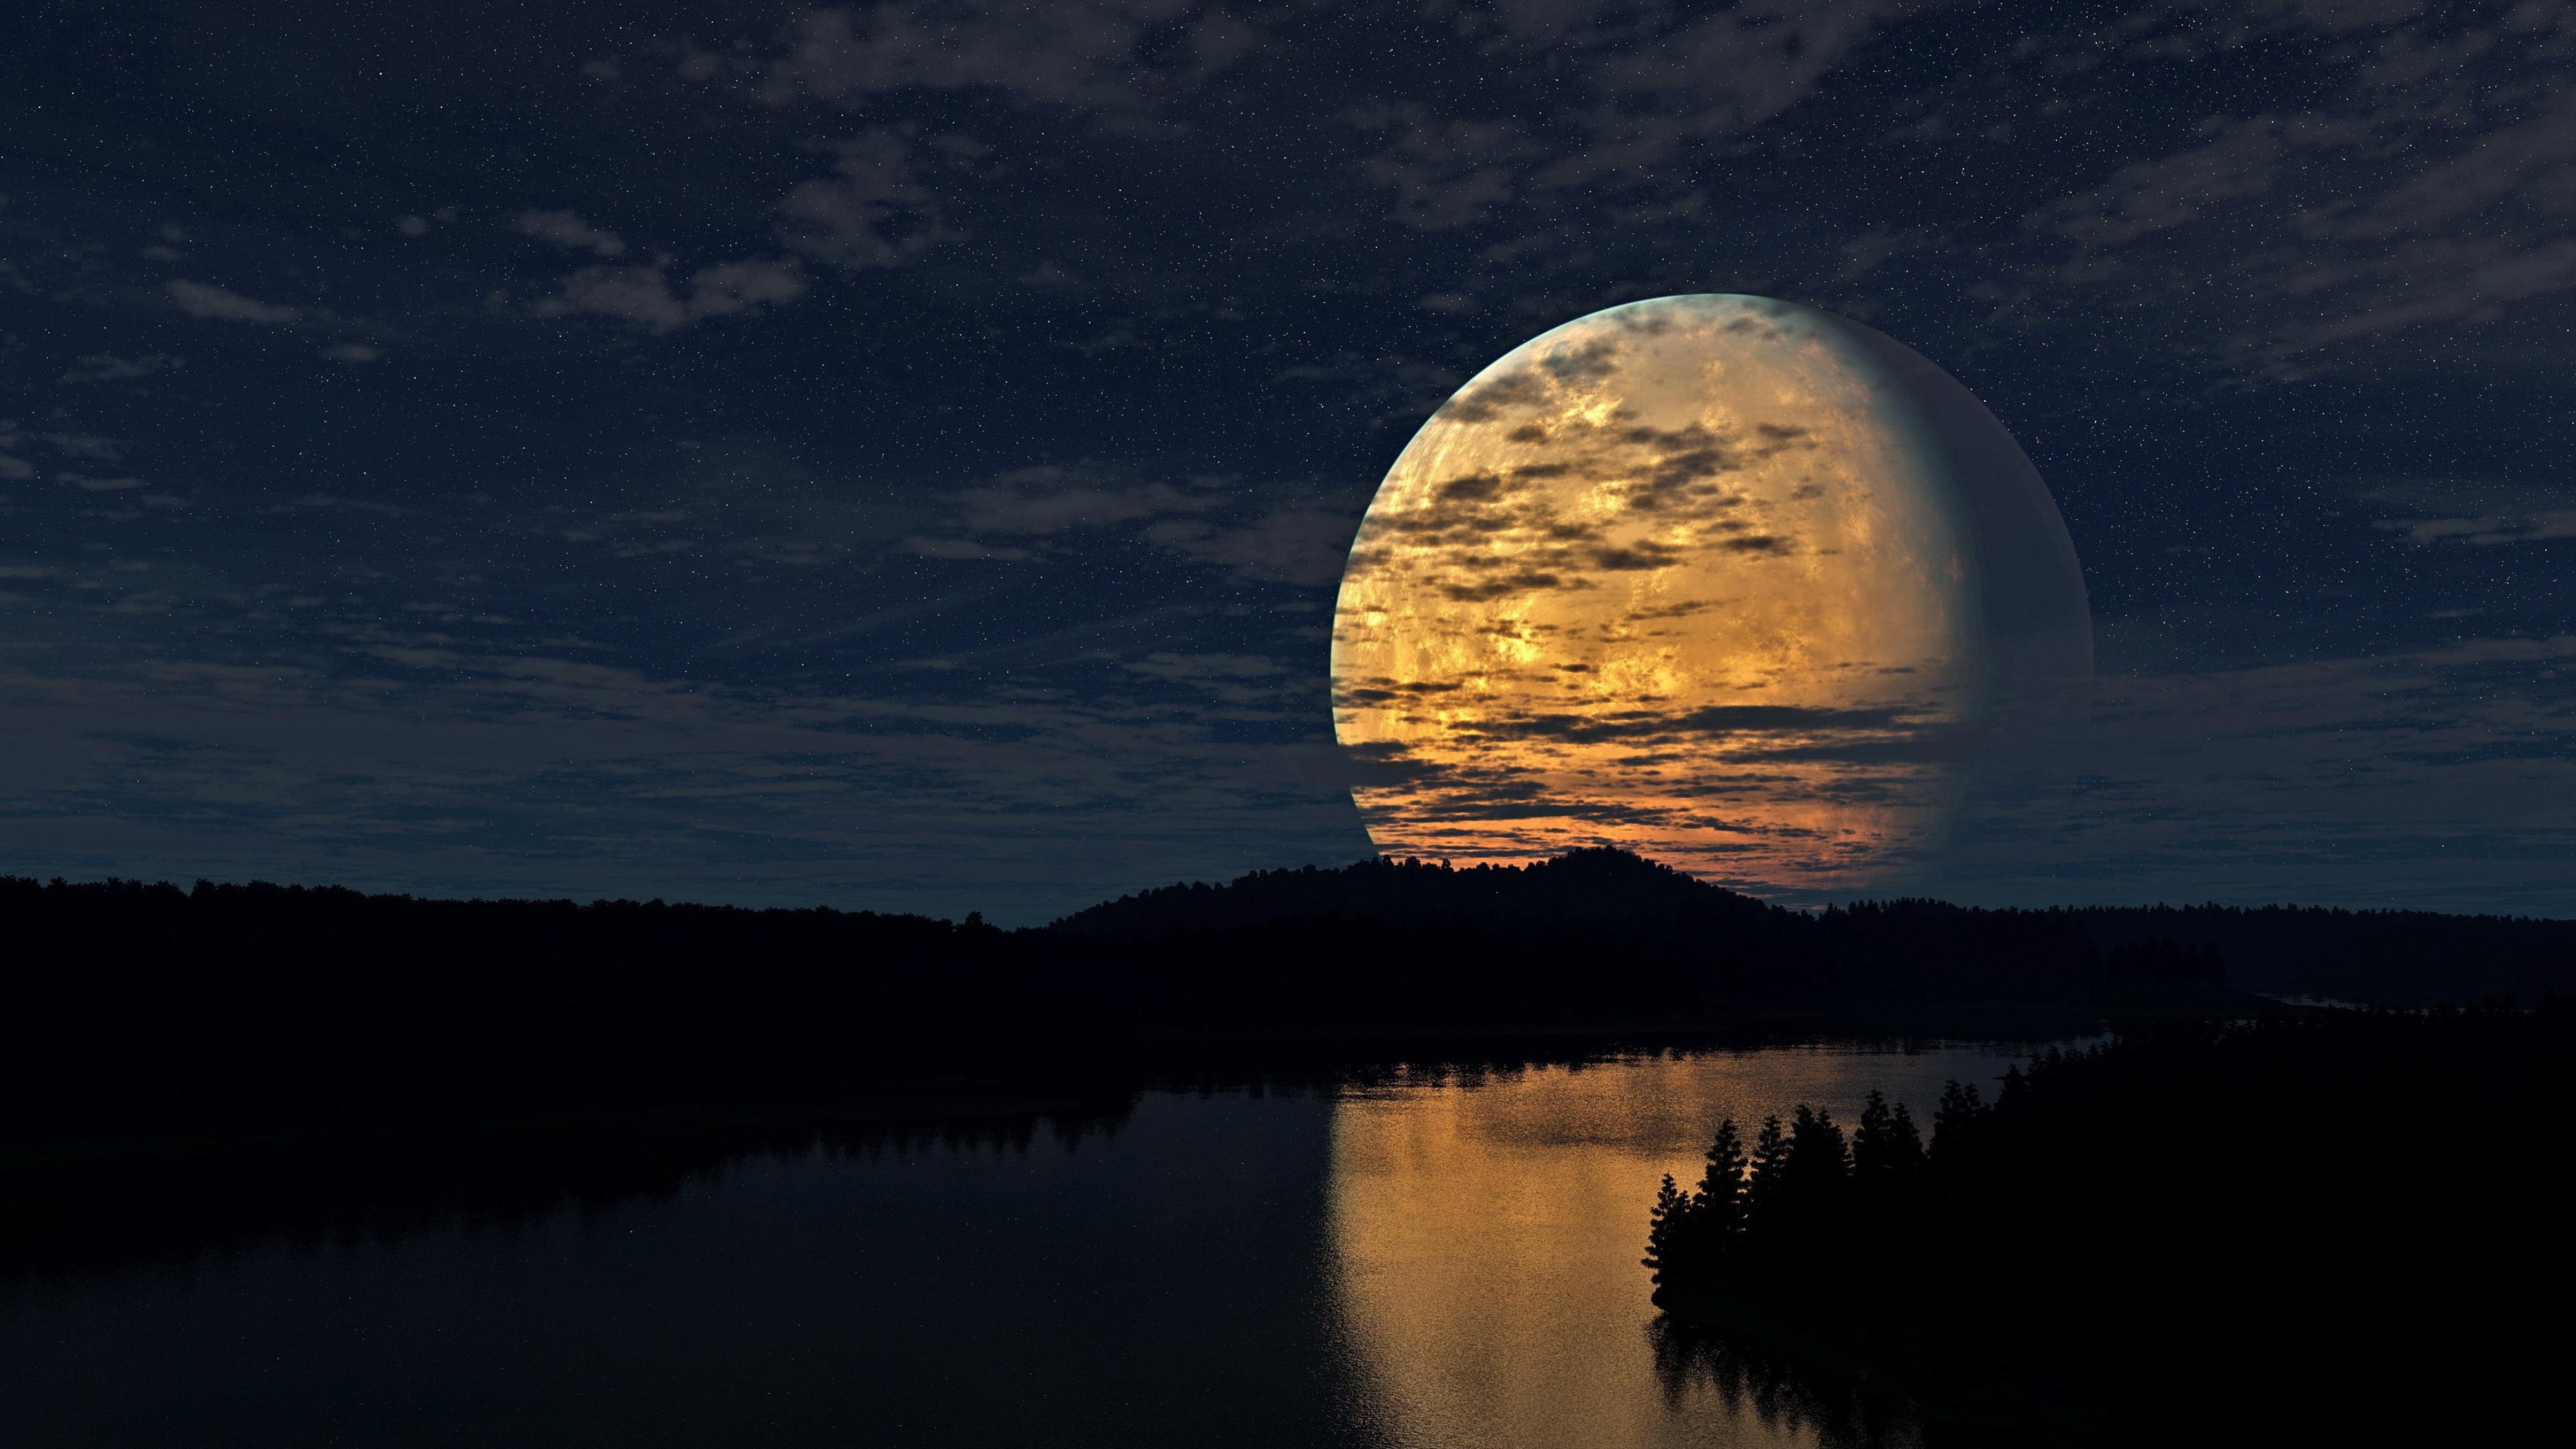 night sky moon river reflection 1535922931 - Night Sky Moon River Reflection - sky wallpapers, river wallpapers, reflection wallpapers, night wallpapers, nature wallpapers, moon wallpapers